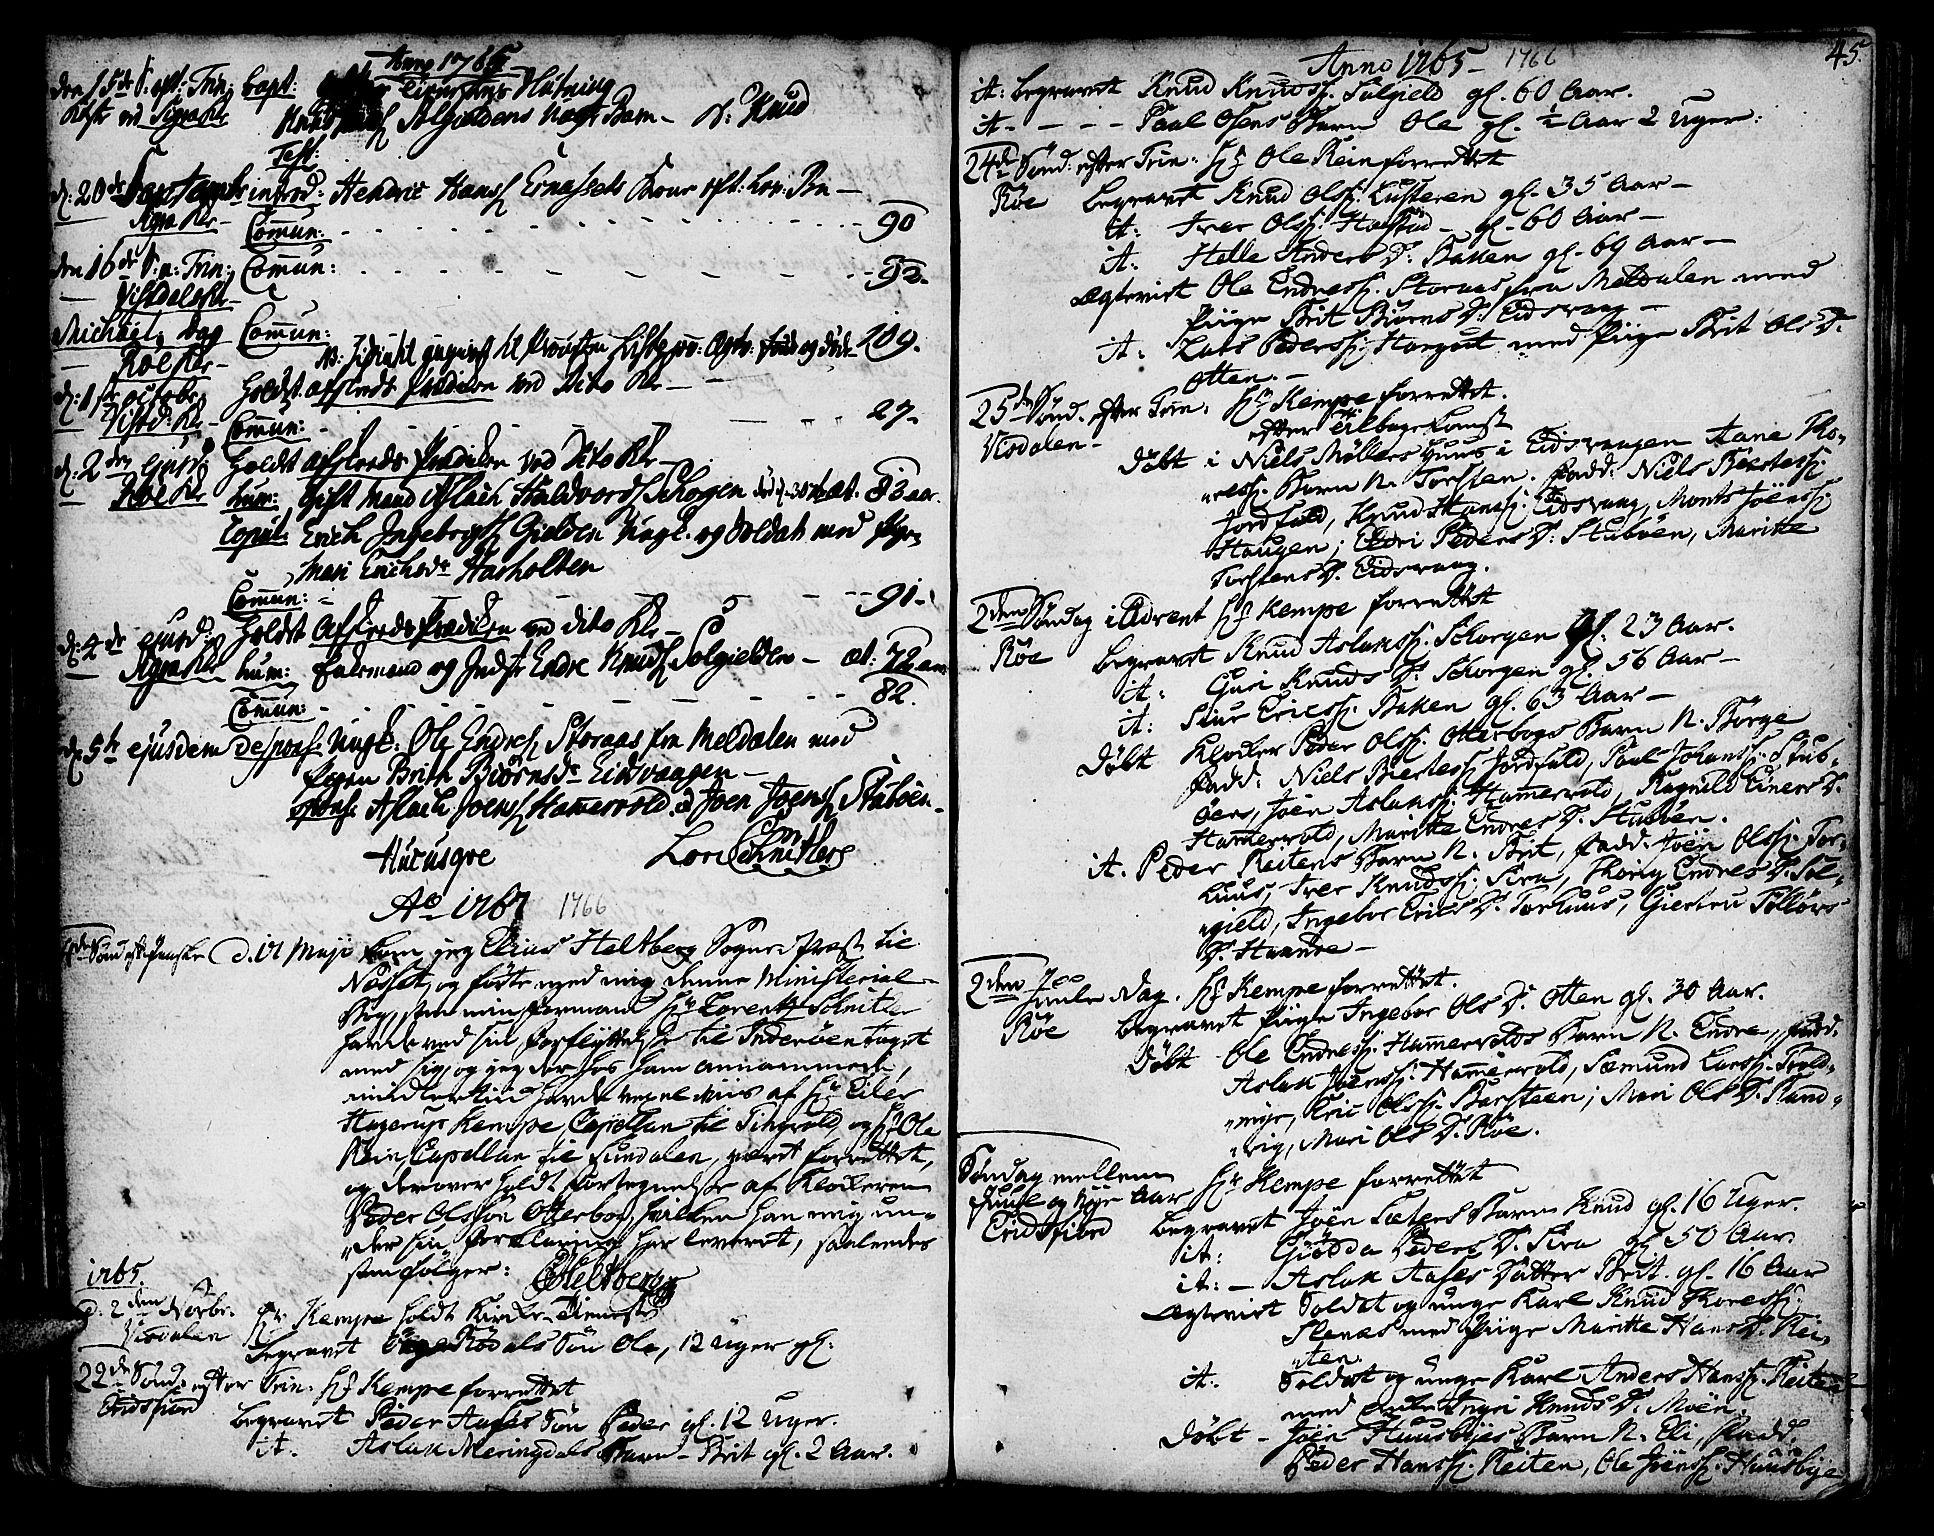 SAT, Ministerialprotokoller, klokkerbøker og fødselsregistre - Møre og Romsdal, 551/L0621: Ministerialbok nr. 551A01, 1757-1803, s. 45